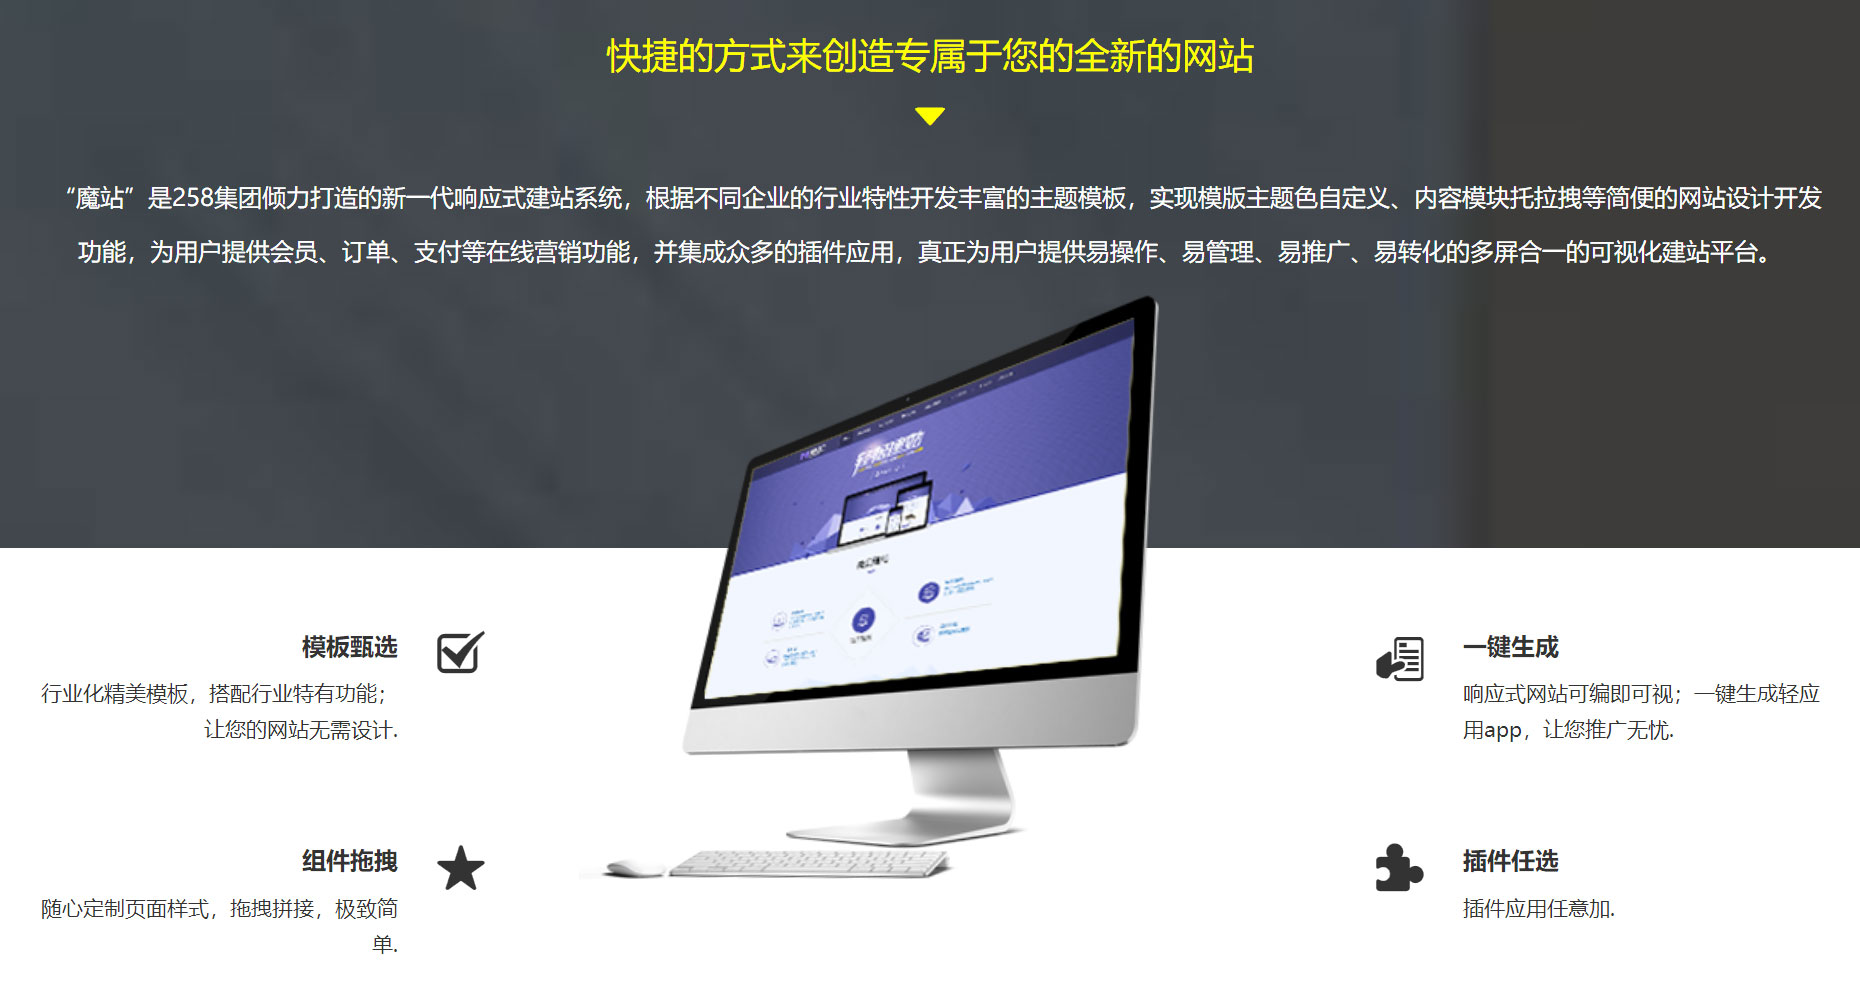 258魔站多少钱|协讯公司_广州专业258魔站公司